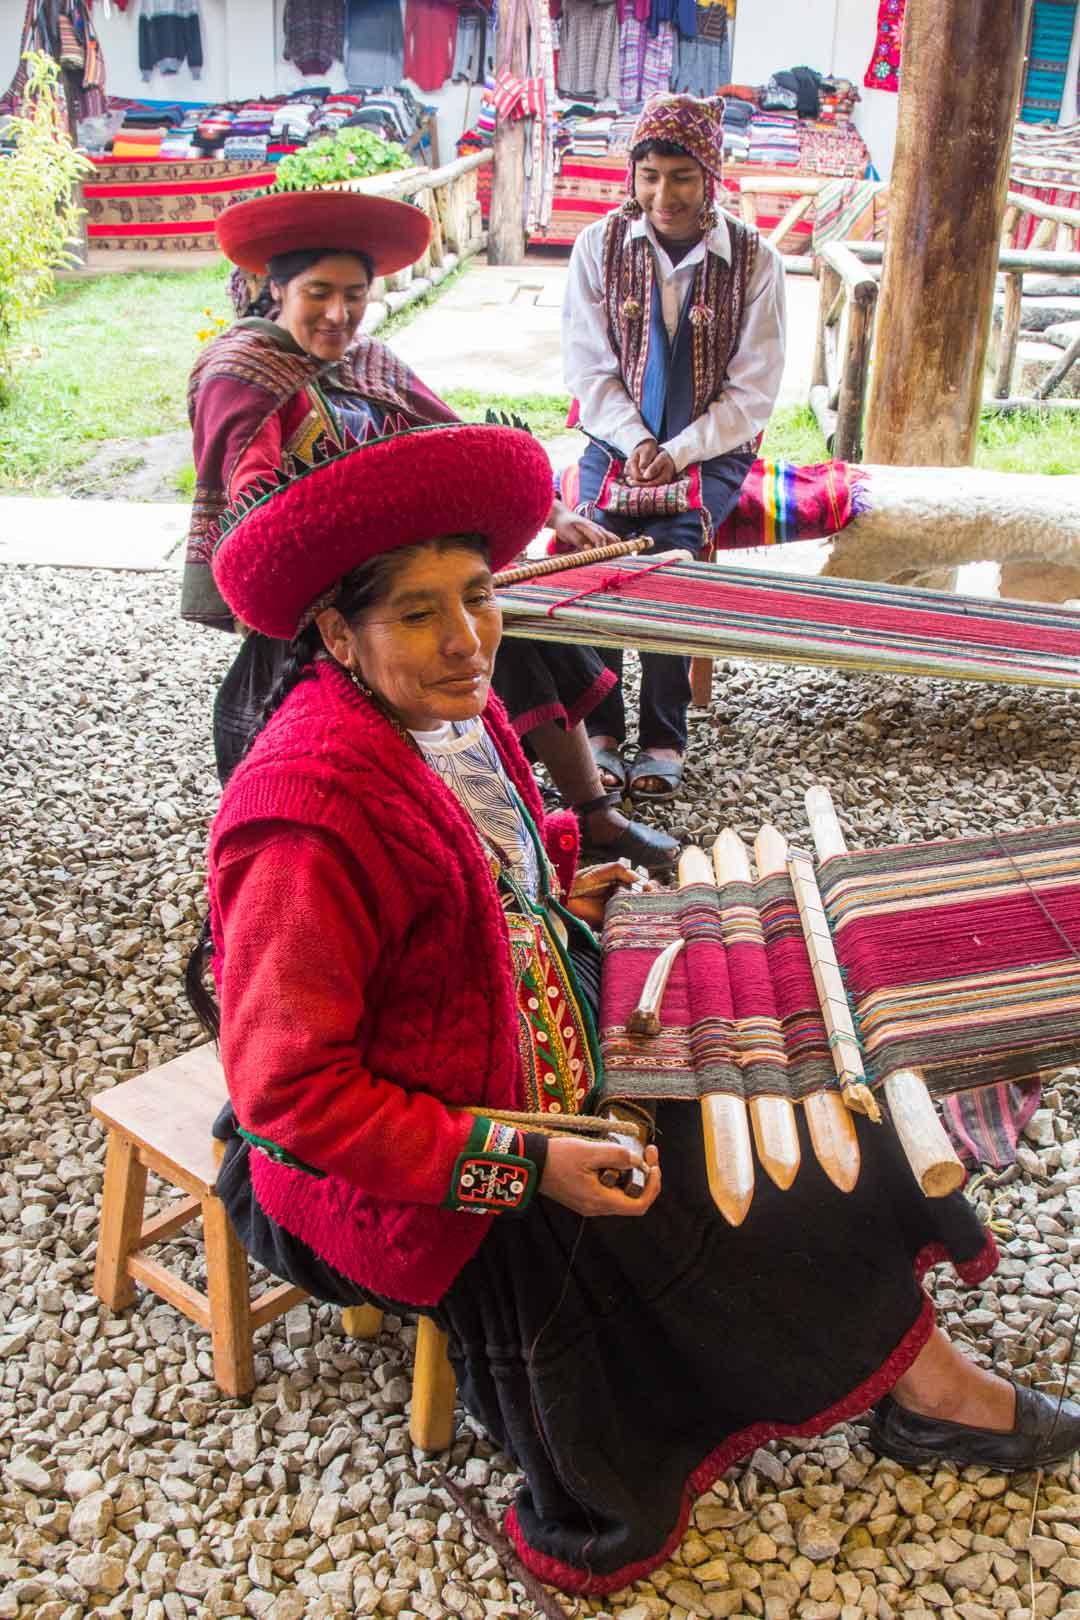 perinteisiä käsitöitä Perussa